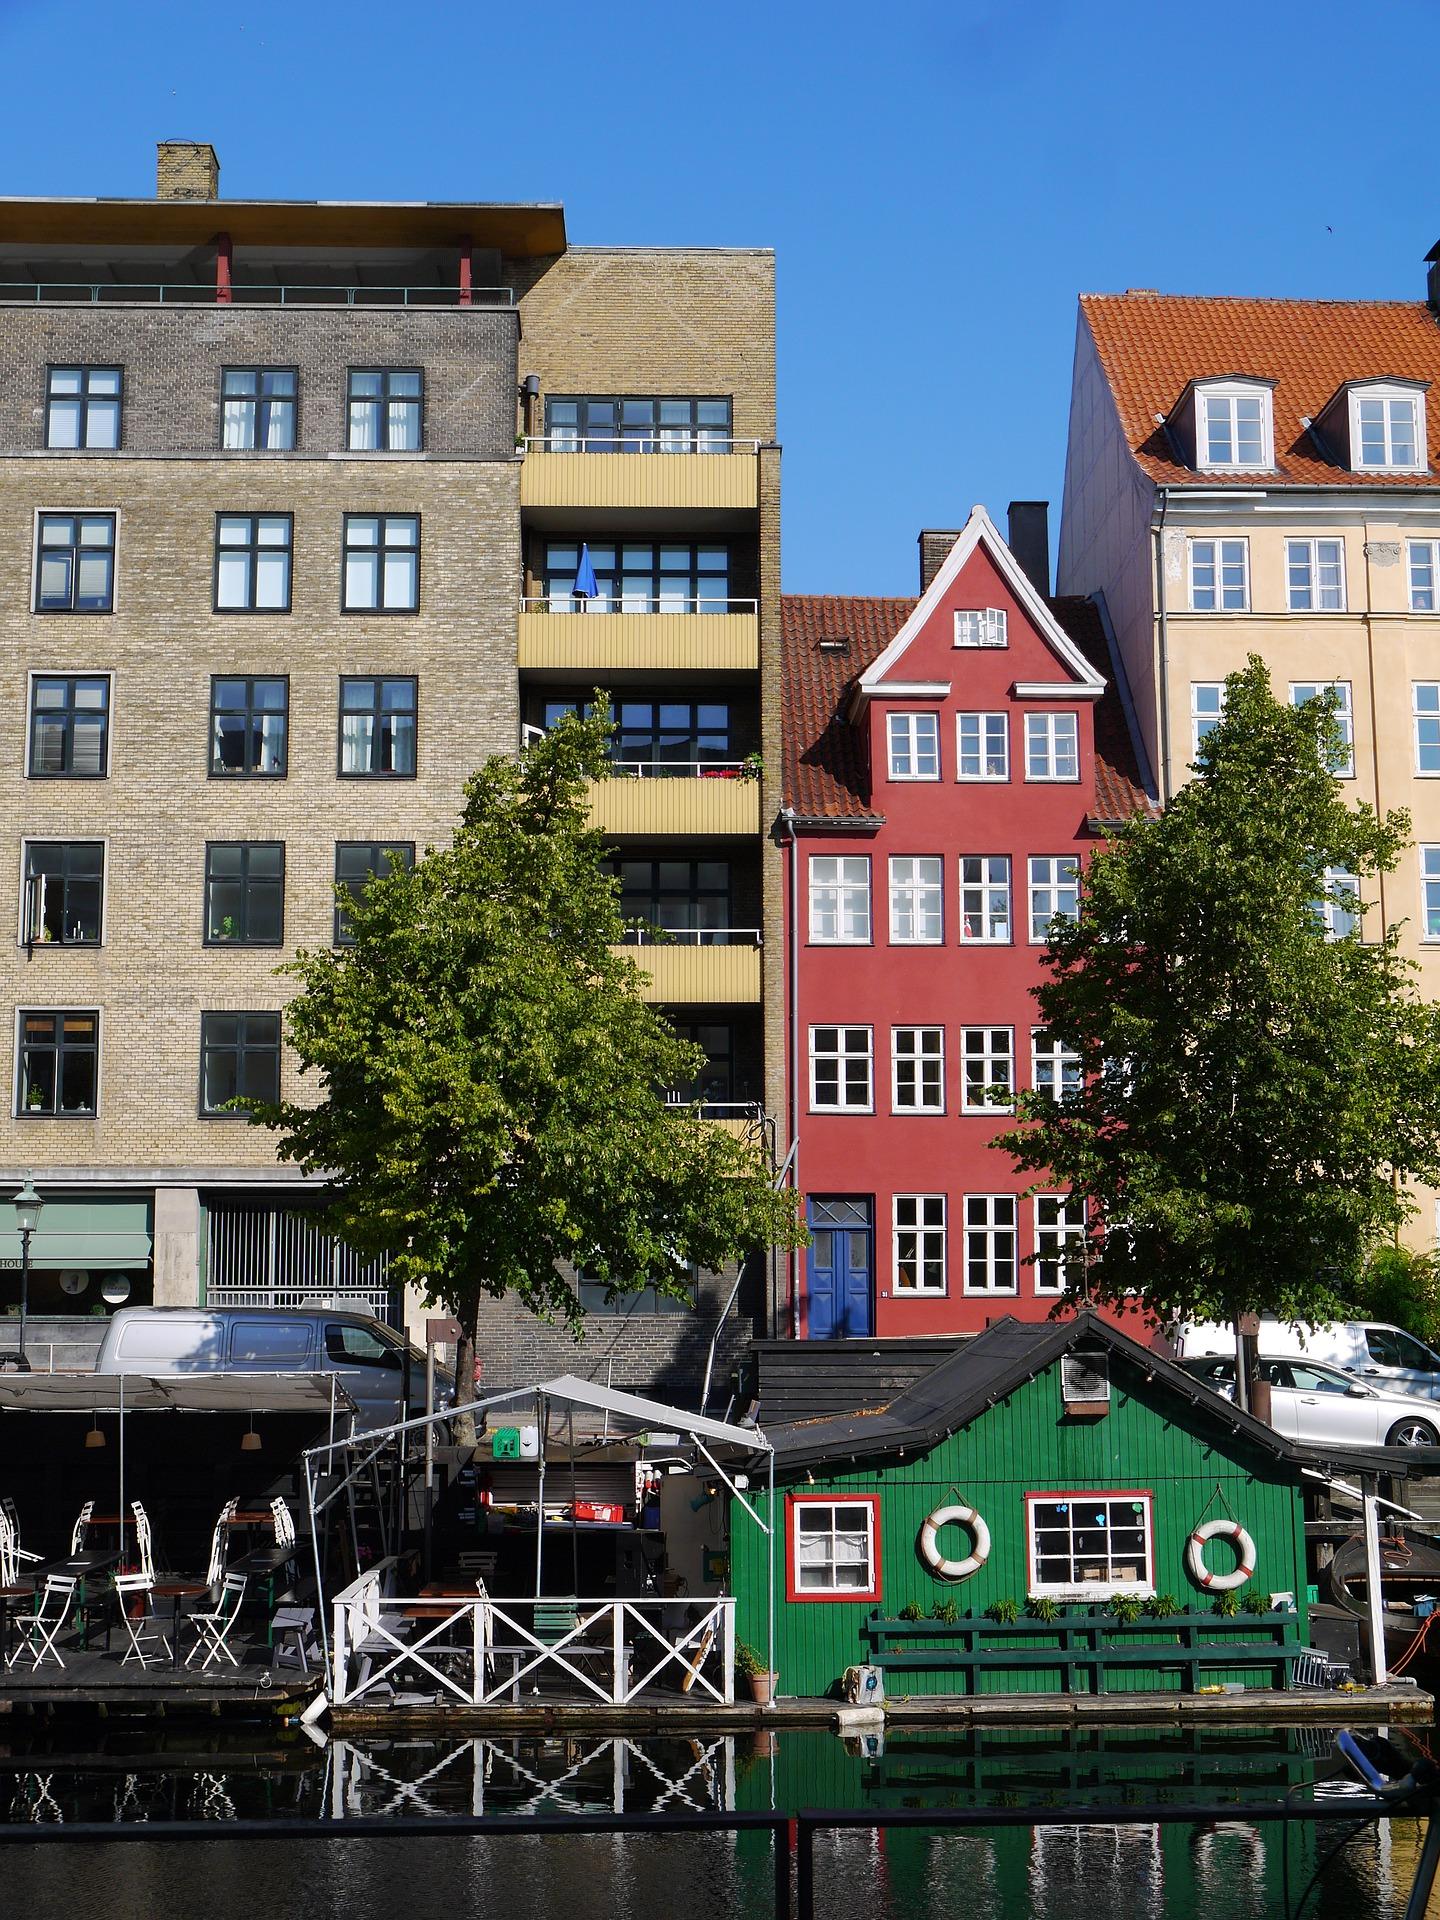 Lejebolig i Hørsholm . Se lejeboliger - ledige lejligheder og huse til leje - i Hørsholm.